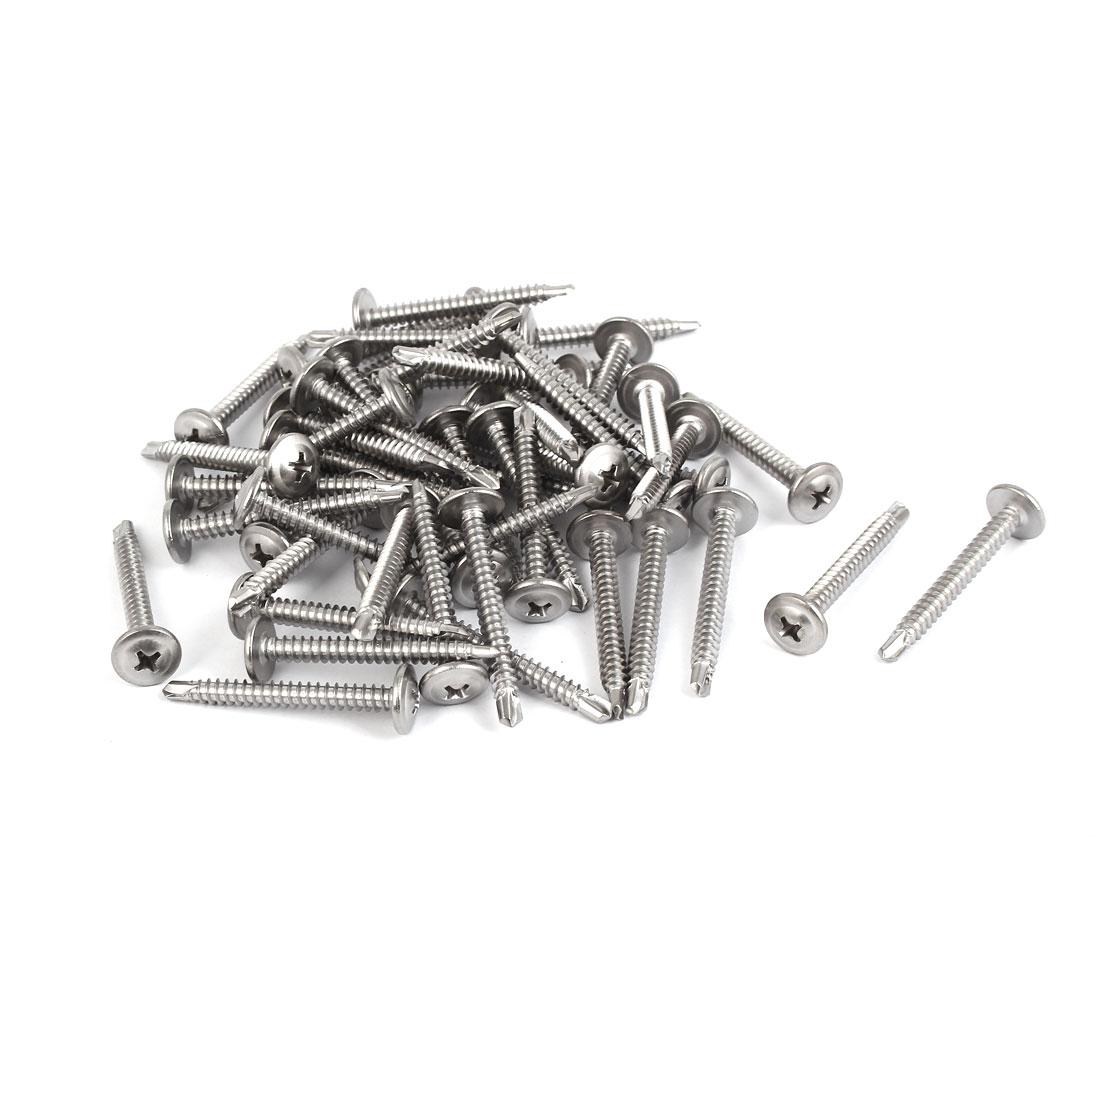 #8 M4.2 x 38mm Thread 410 Stainless Steel Self Drilling Flat Head Screws 50 Pcs